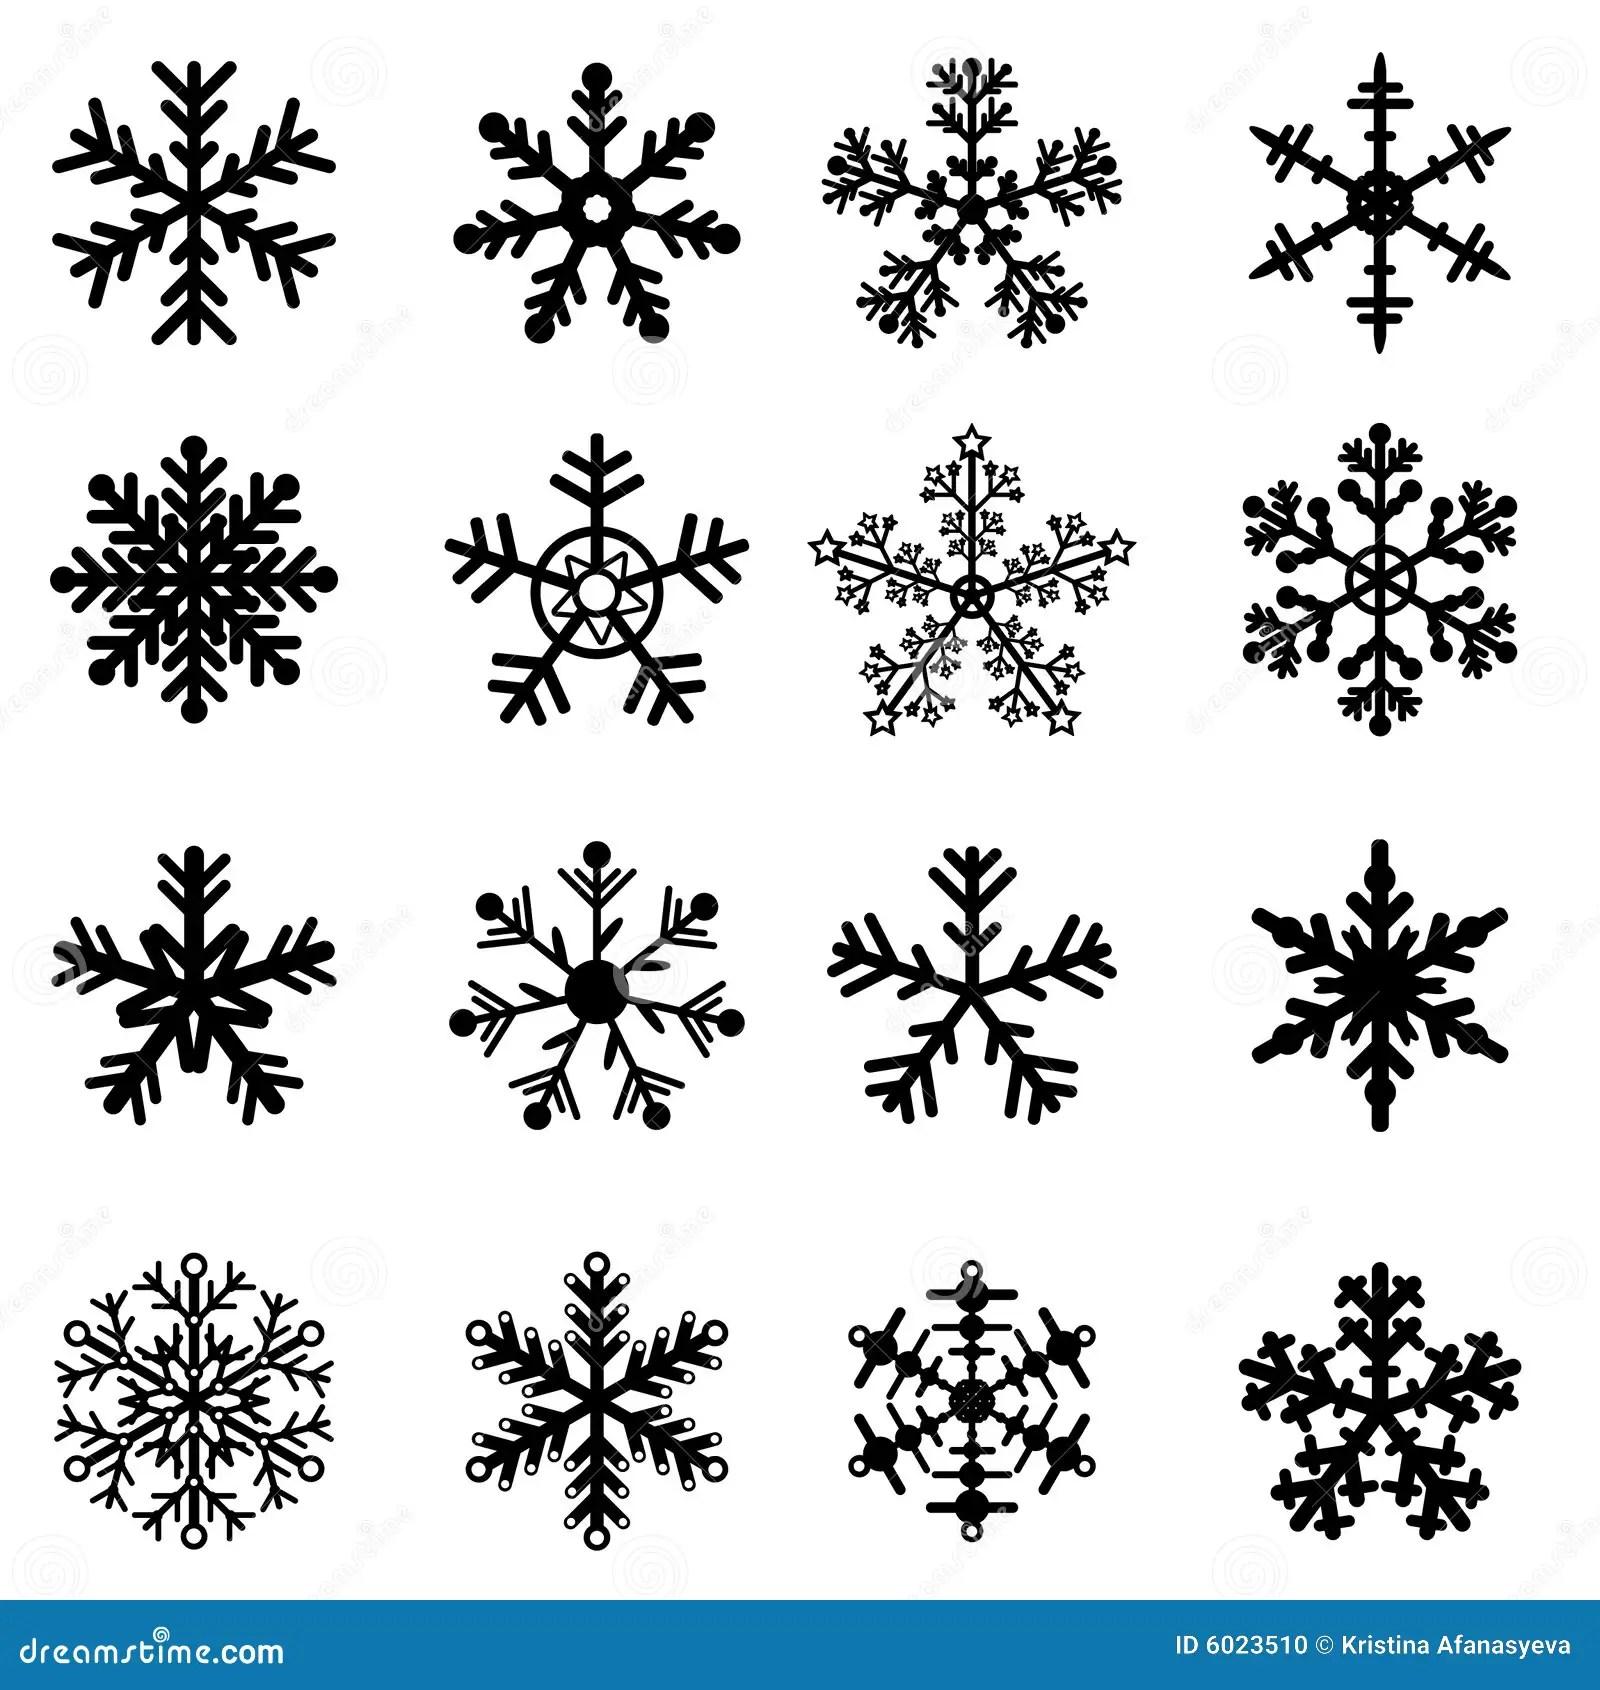 Black And White Snowflakes Set Stock Photo